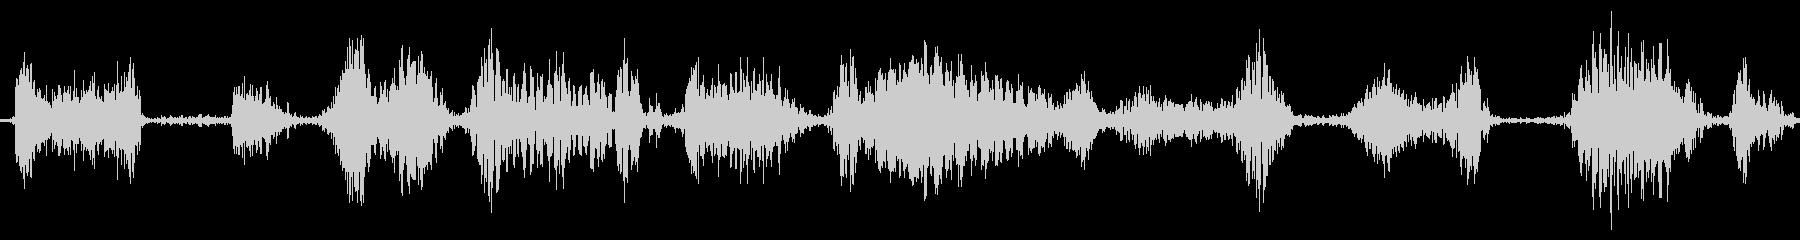 ラジオスキャン6の未再生の波形